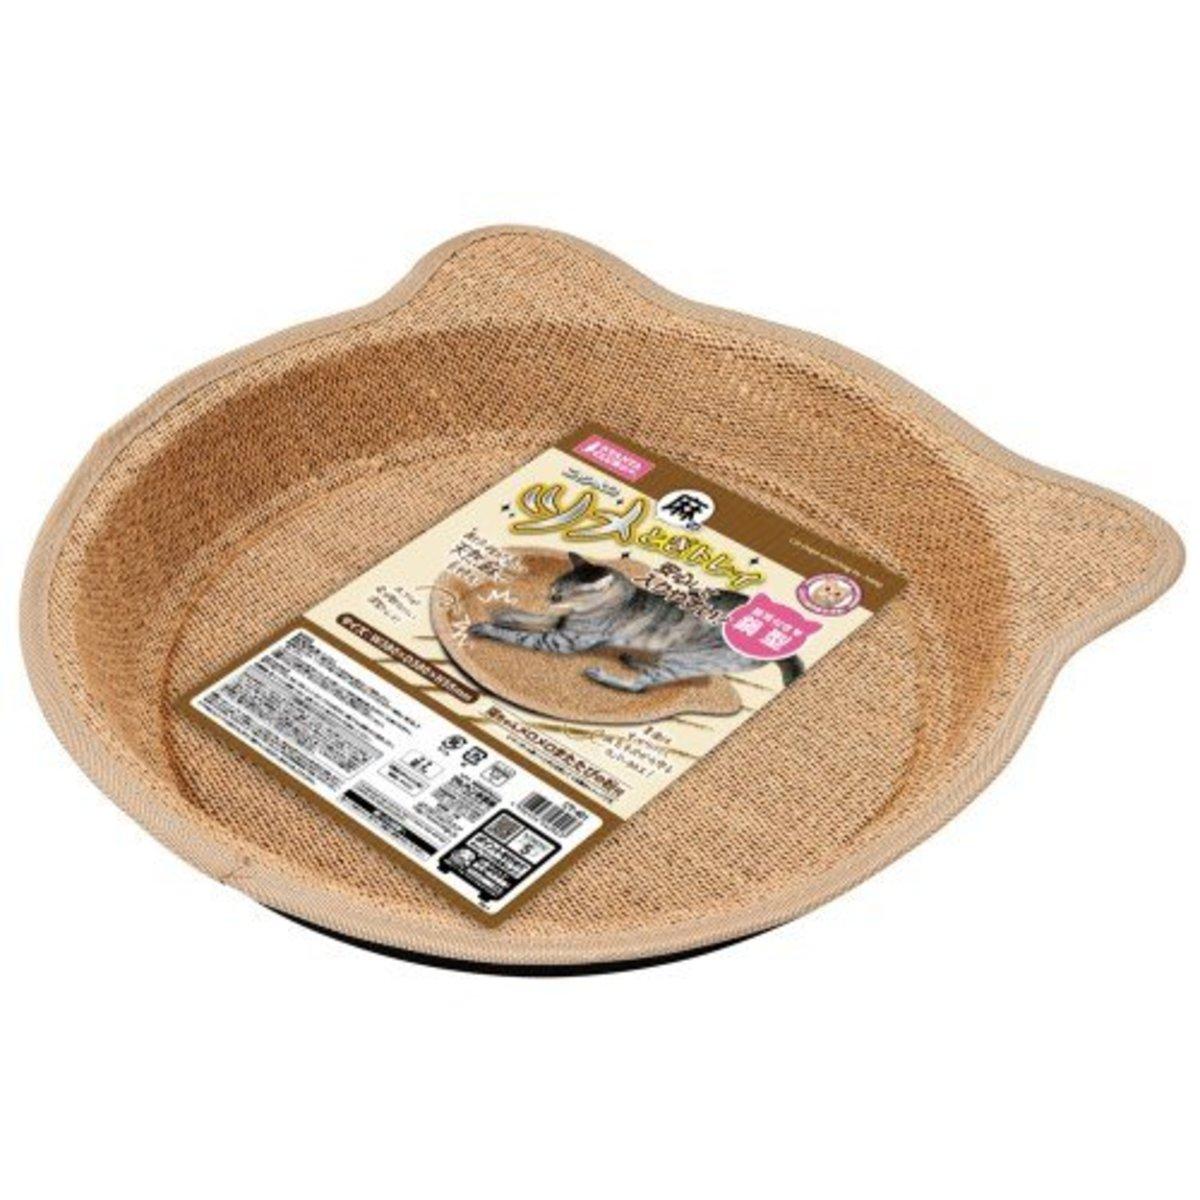 貓抓鍋型碟形盤 - 麻面 (56202) (日本進口)